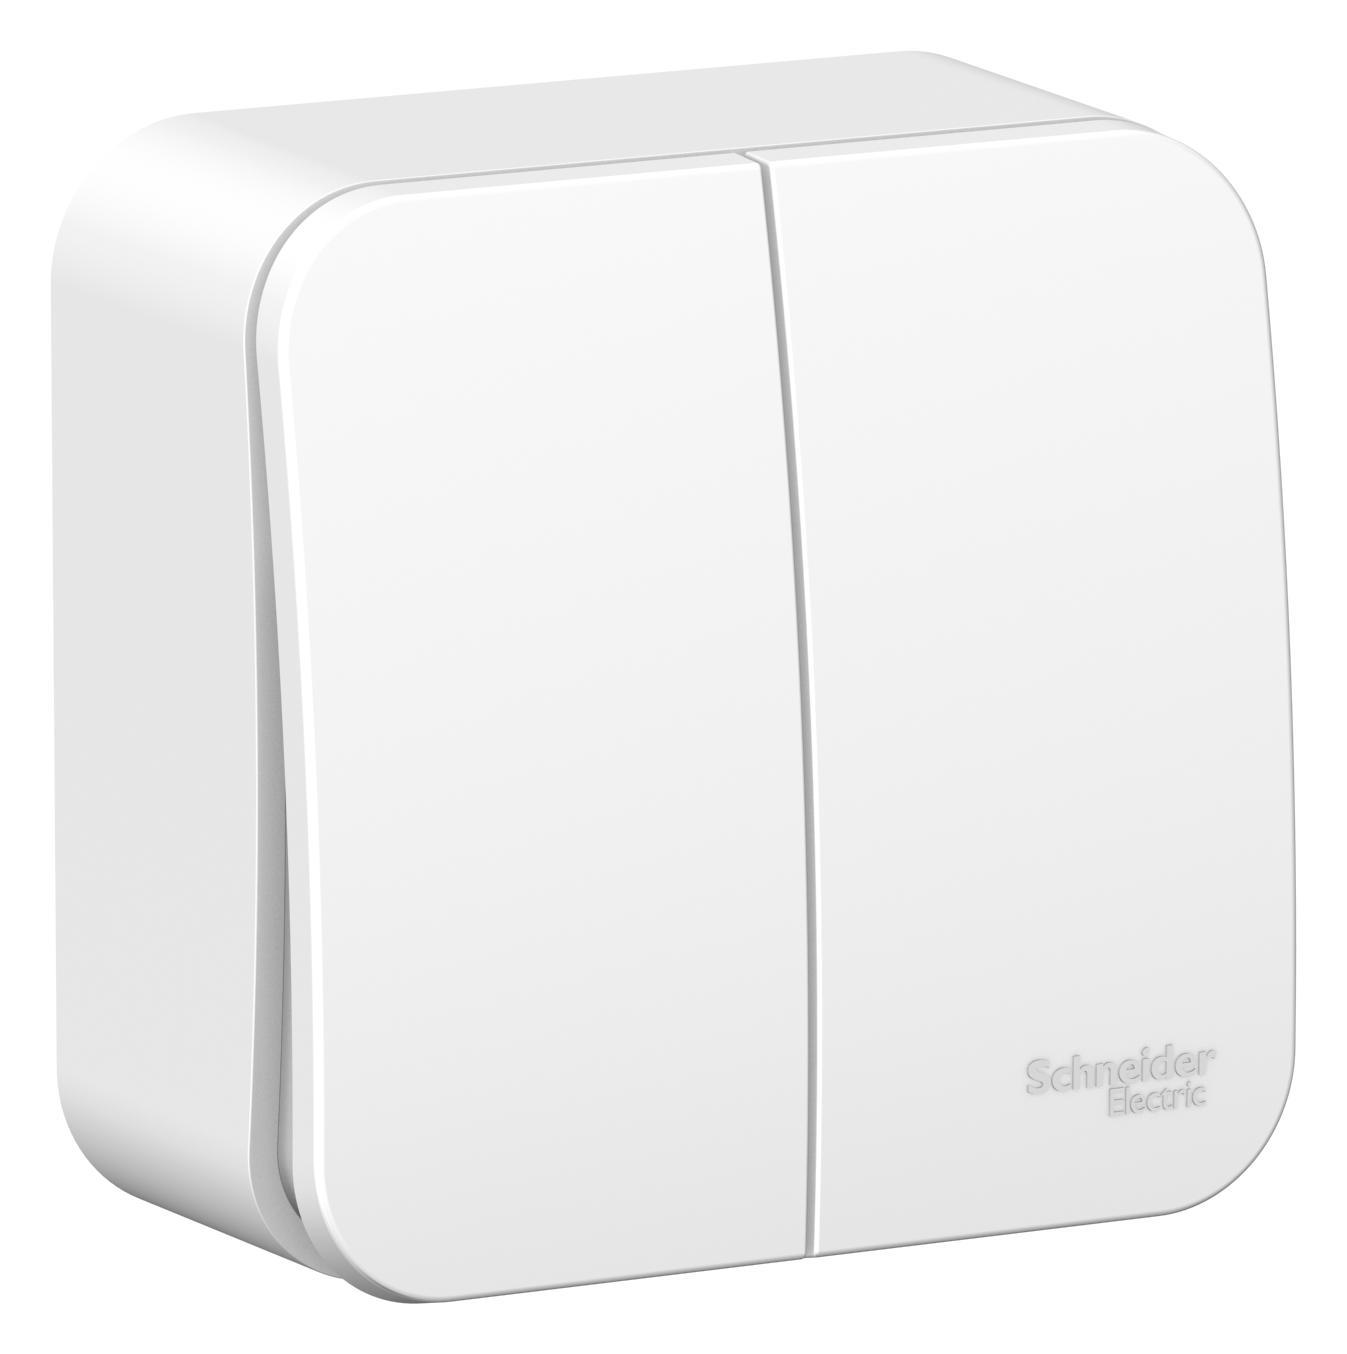 Выключатель Schneider electric Blnva065001